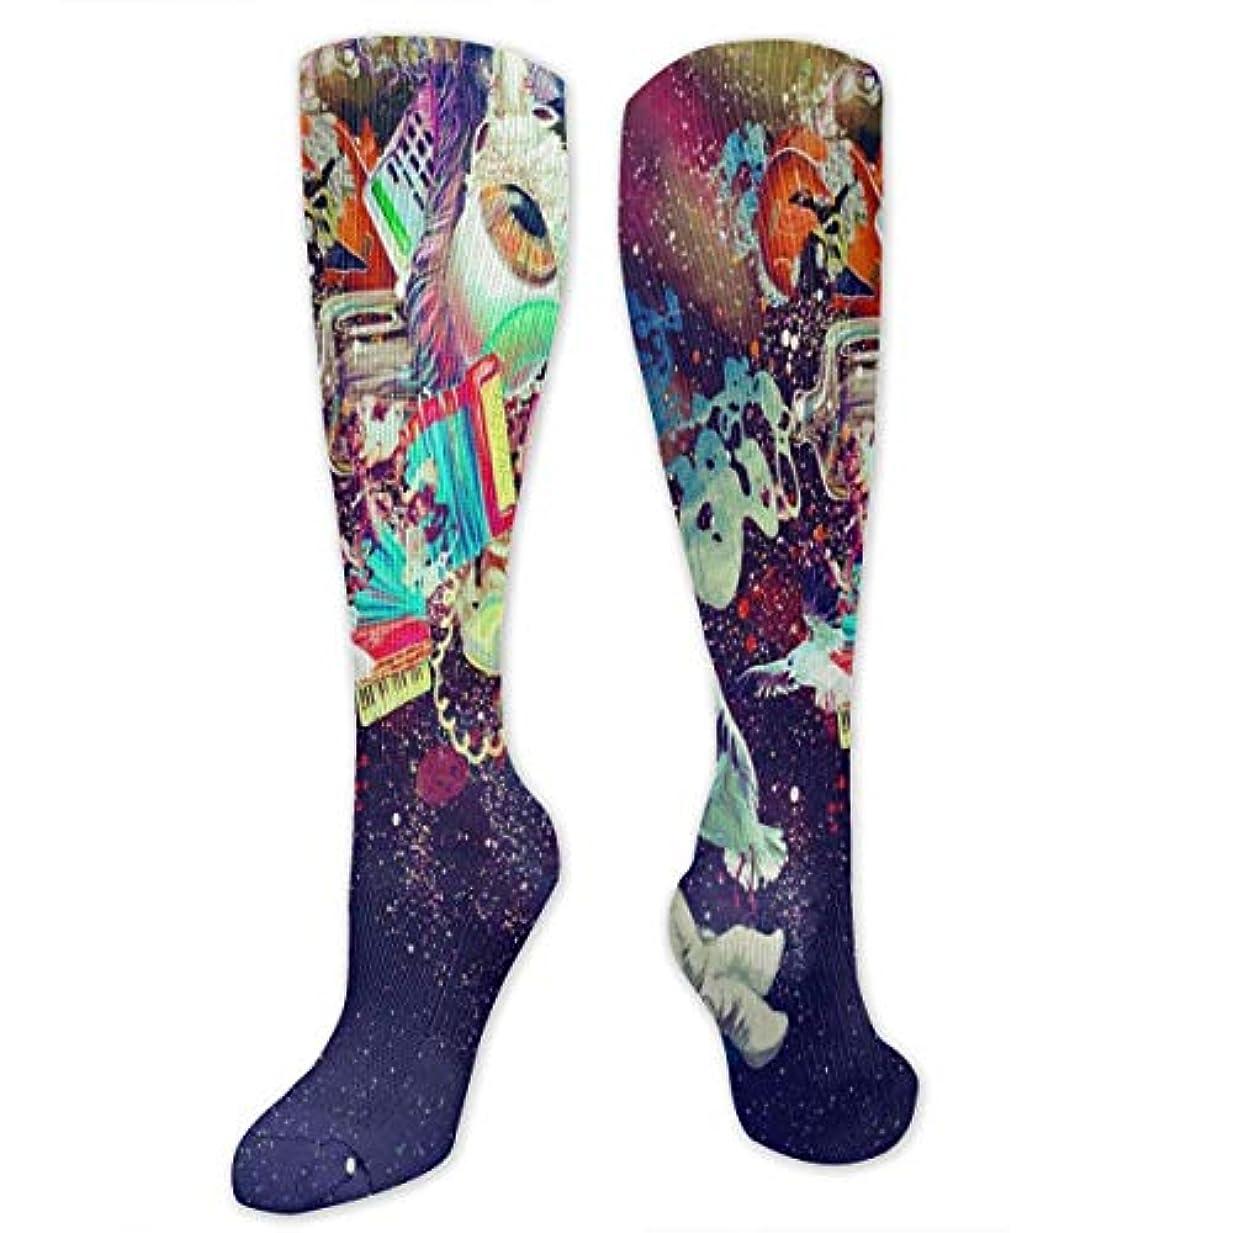 自信がある散文ブルーベル女性のトリッピースペース宇宙飛行士カラフルな模様のドレスソックスクルーソックススポーツ用